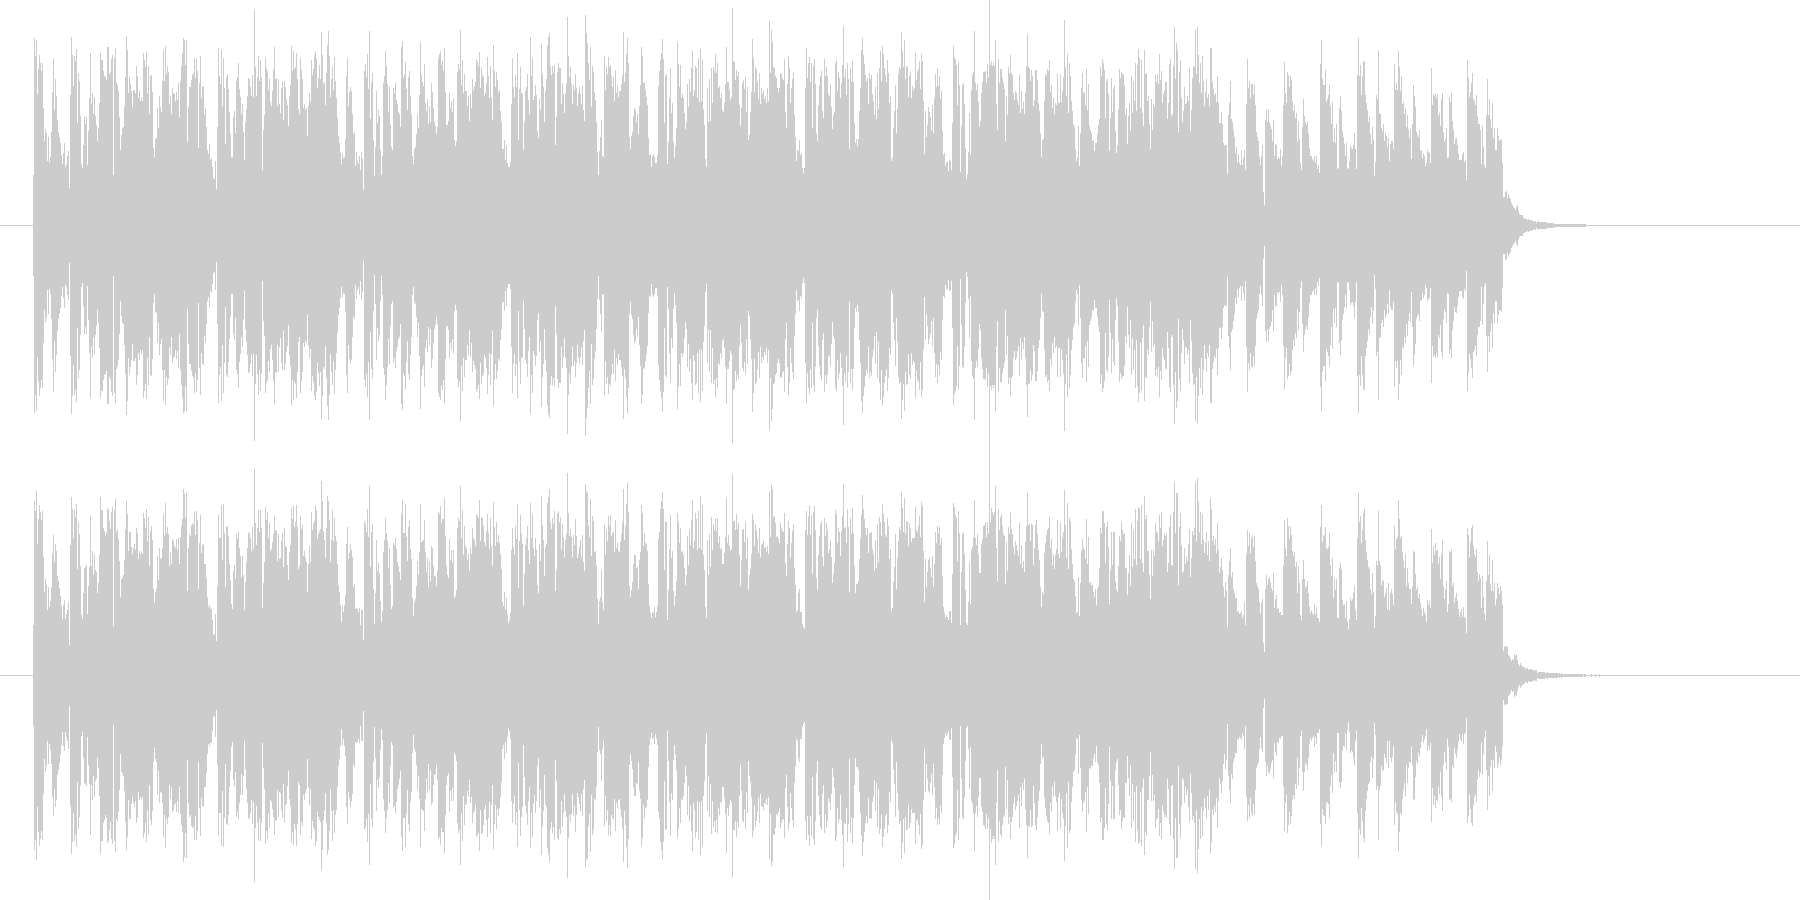 躍動感のあるテクノサウンドの未再生の波形